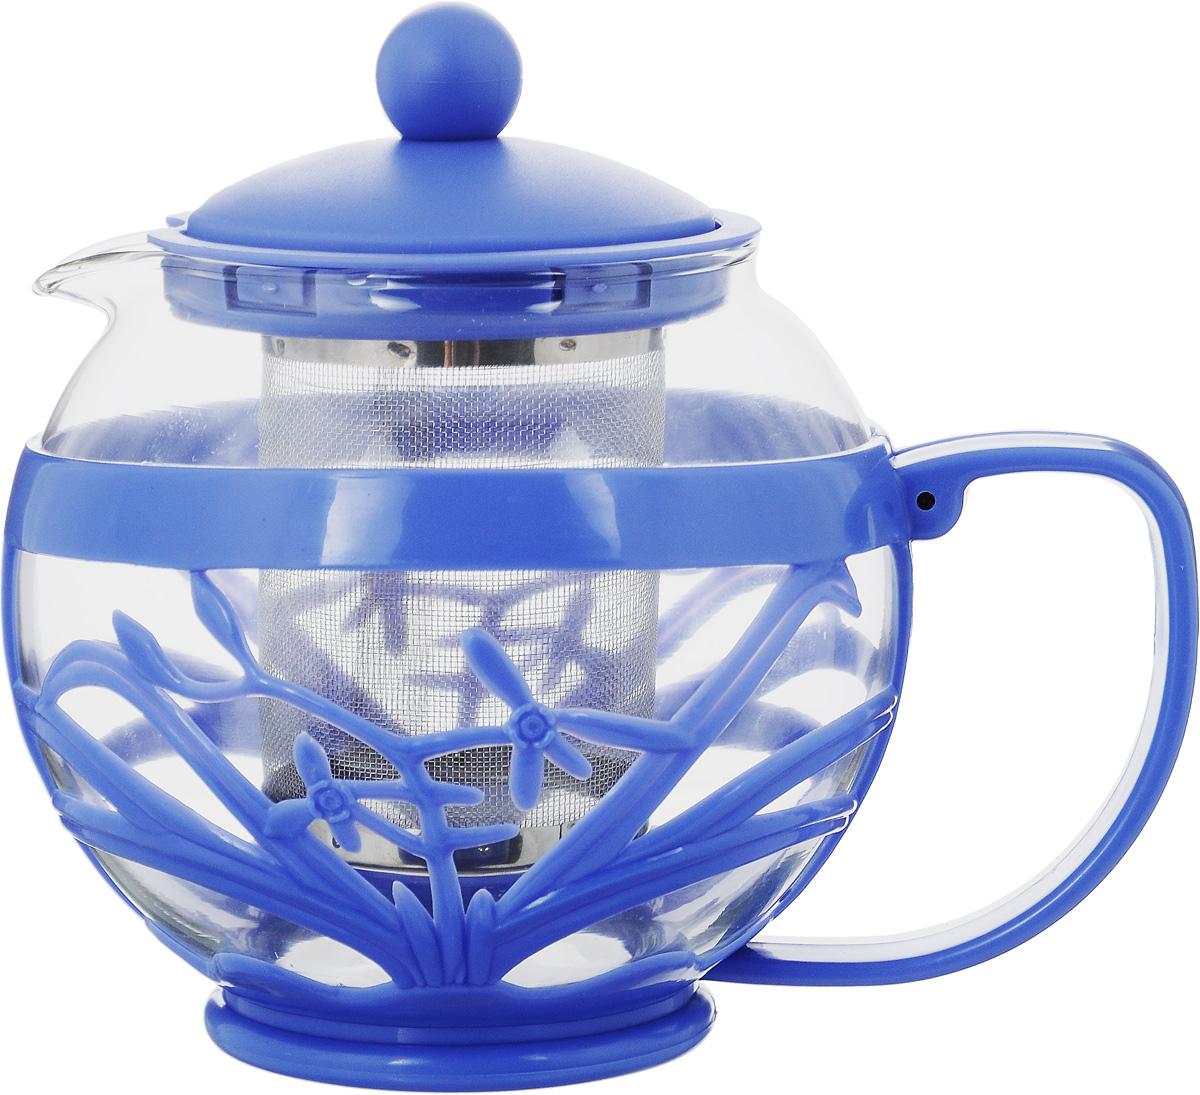 Чайник заварочный Menu Мелисса, с фильтром, цвет: прозрачный, синий, 750 млMLS-75_синийЧайник Menu Мелисса изготовлен из прочного стекла и пластика. Он прекрасно подойдет для заваривания чая и травяных напитков. Классический стиль и оптимальный объем делают его удобным и оригинальным аксессуаром. Изделие имеет удлиненный металлический фильтр, который обеспечивает высокое качество фильтрации напитка и позволяет заварить чай даже при небольшом уровне воды. Ручка чайника не нагревается и обеспечивает безопасность использования. Нельзя мыть в посудомоечной машине. Диаметр чайника (по верхнему краю): 8 см. Высота чайника (без учета крышки): 11 см. Размер фильтра: 6 х 6 х 7,2 см.